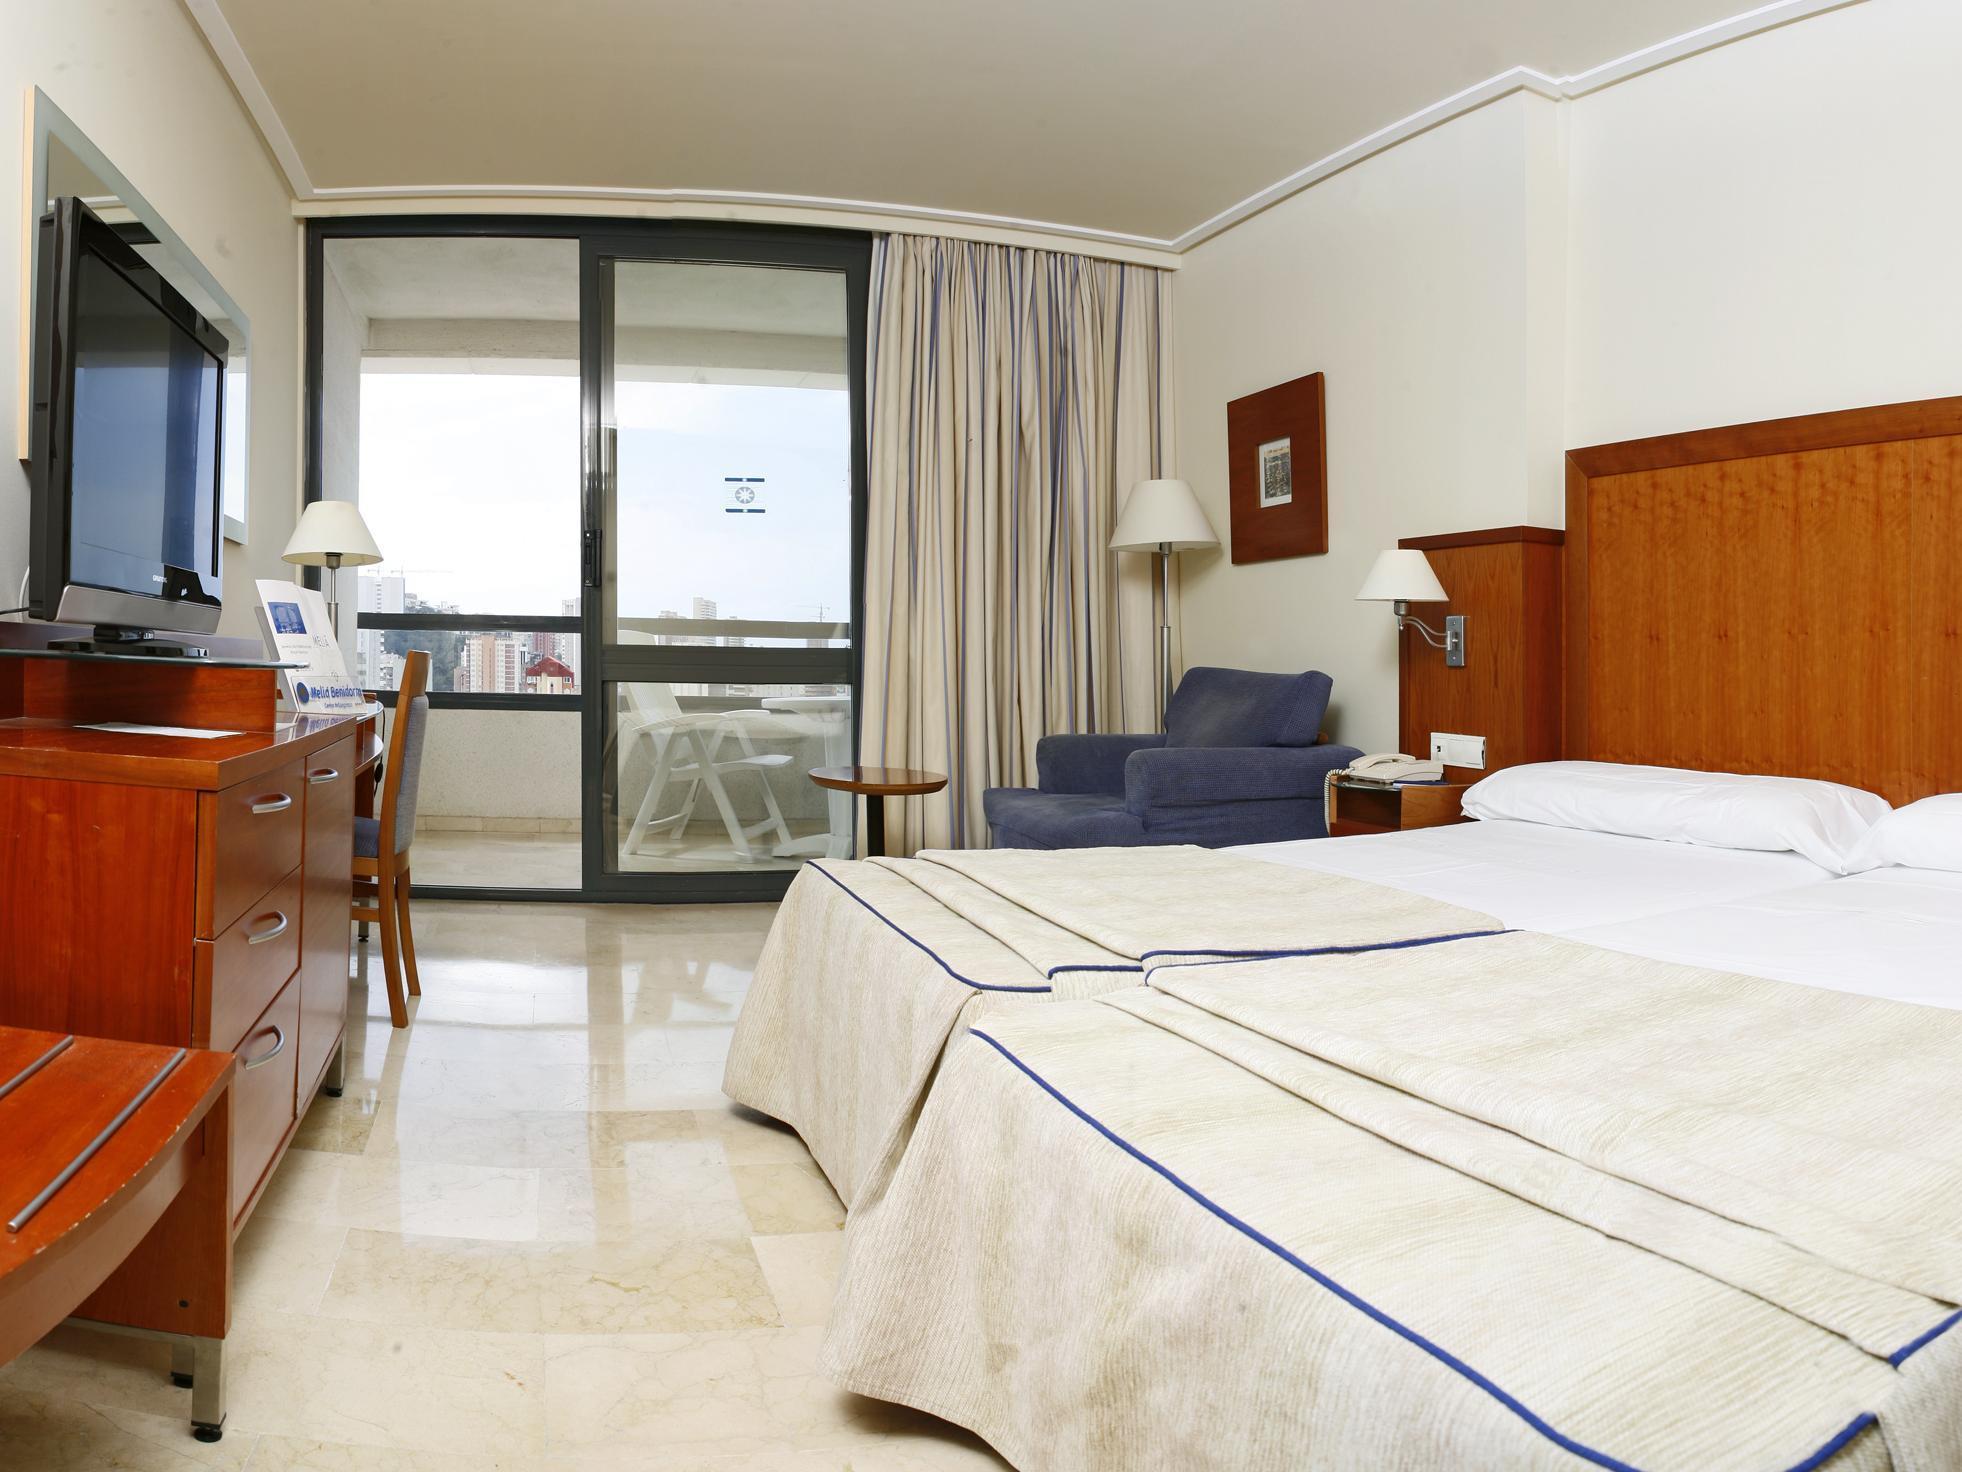 Отель в испании бенидорм отзывы